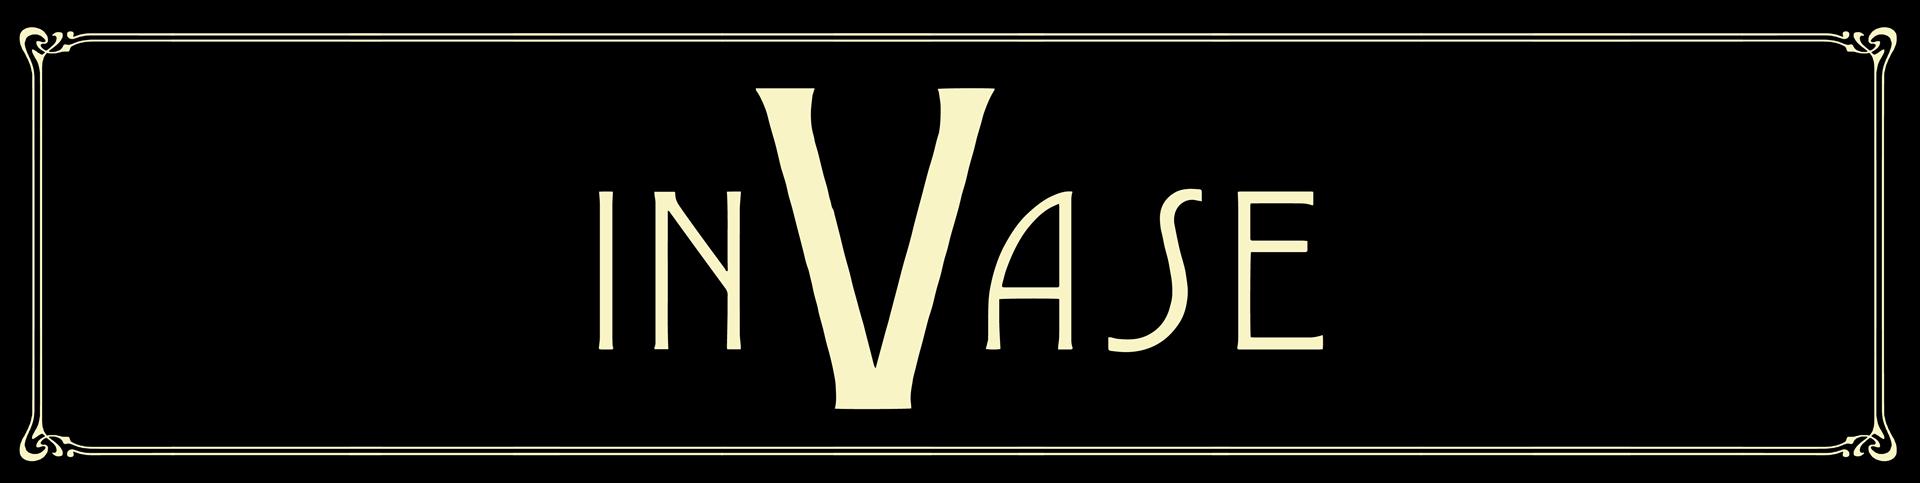 Invase header